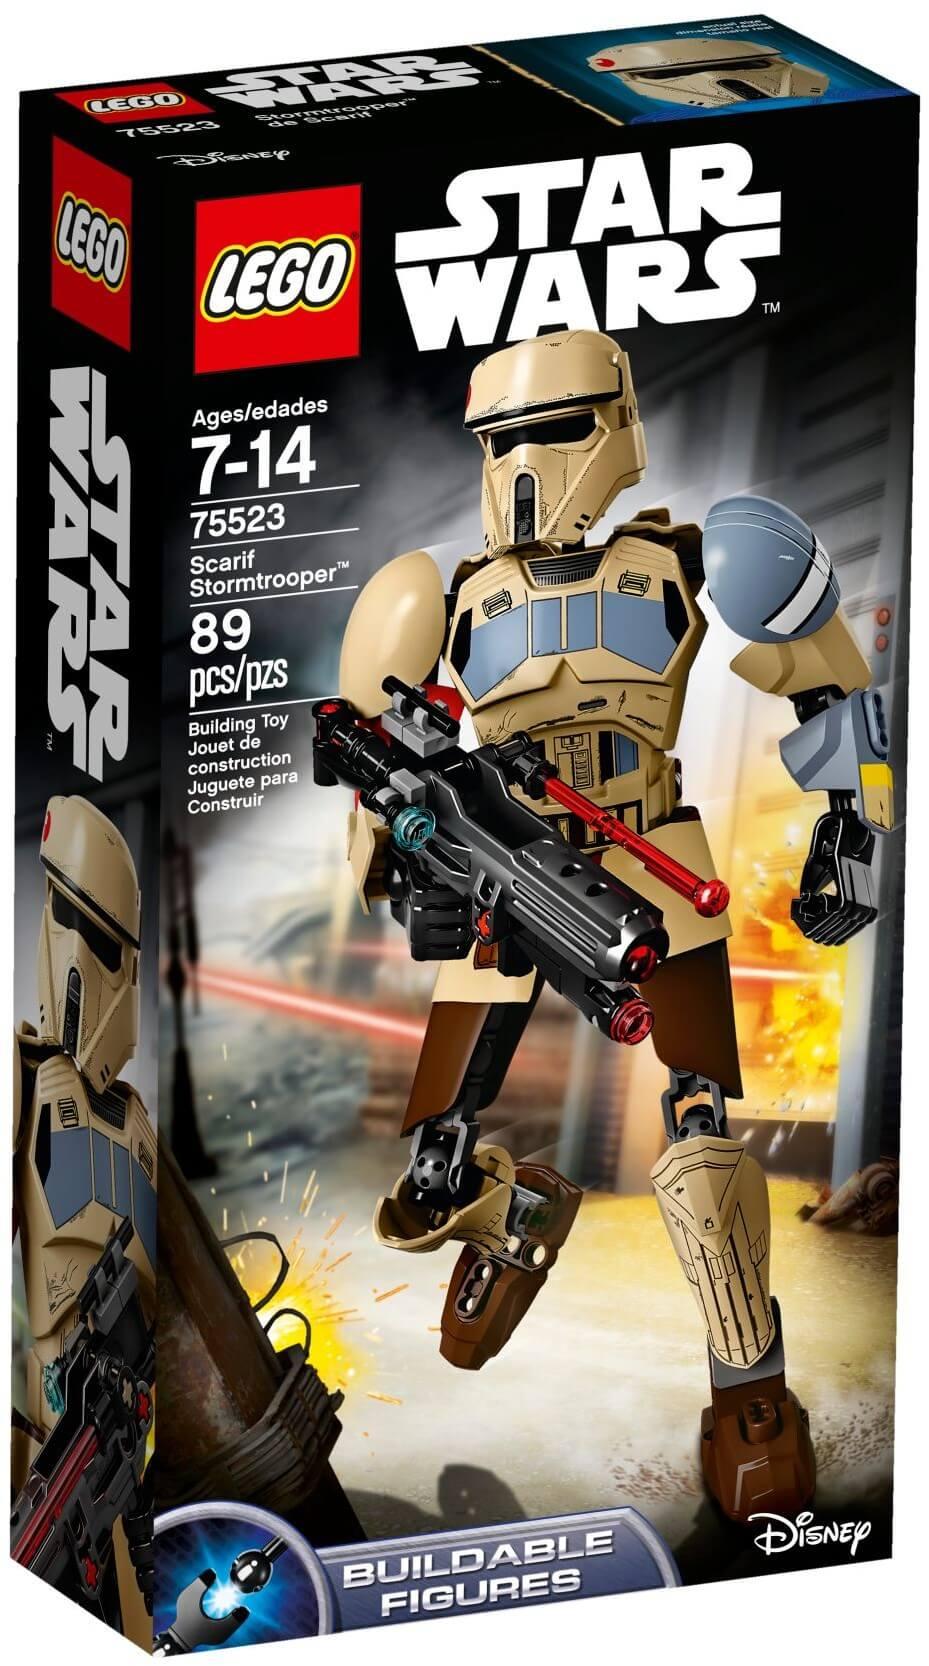 Mua đồ chơi LEGO 75523 - LEGO Star Wars 75523 - Scarif Stormtrooper (LEGO 75523 Scarif Stormtrooper)